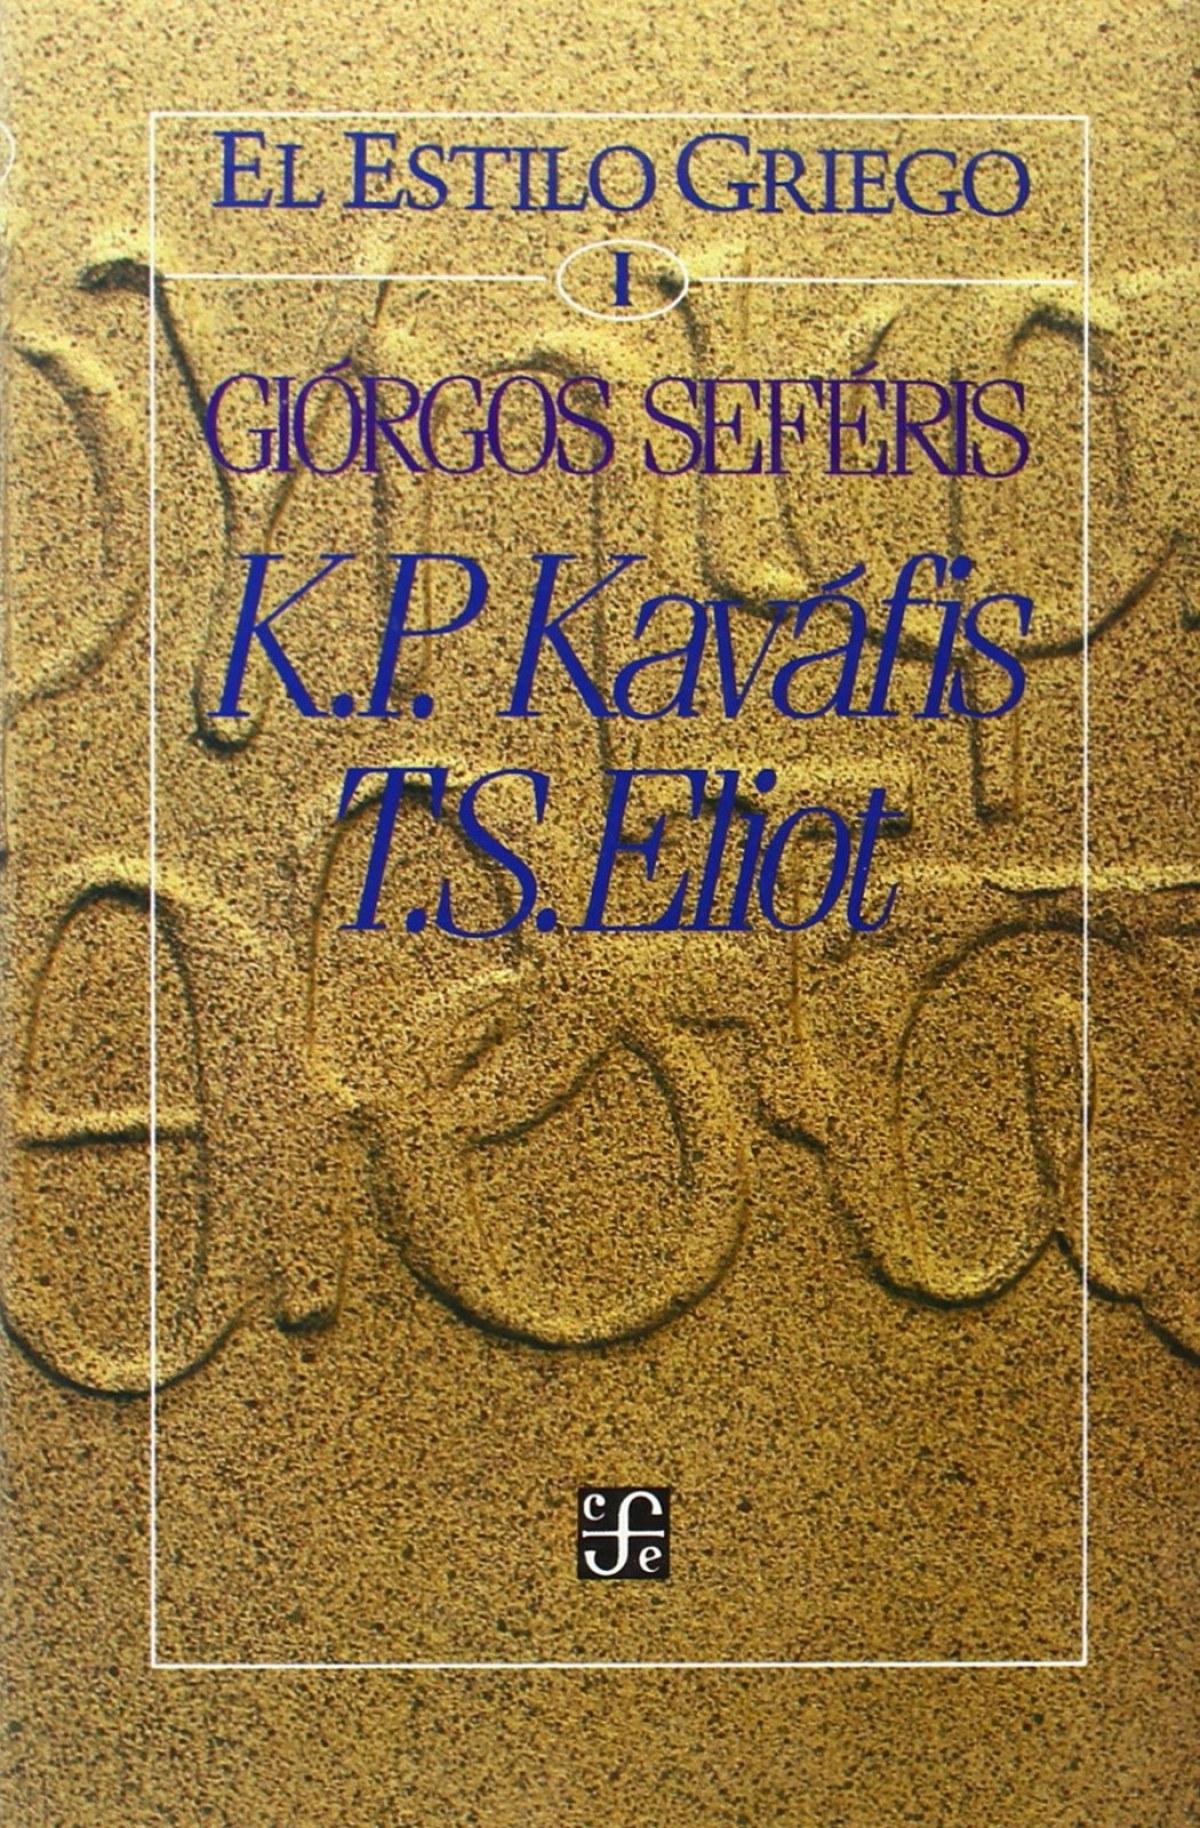 El estilo griego, I : K. P. Kaváfis, T. S. Eliot